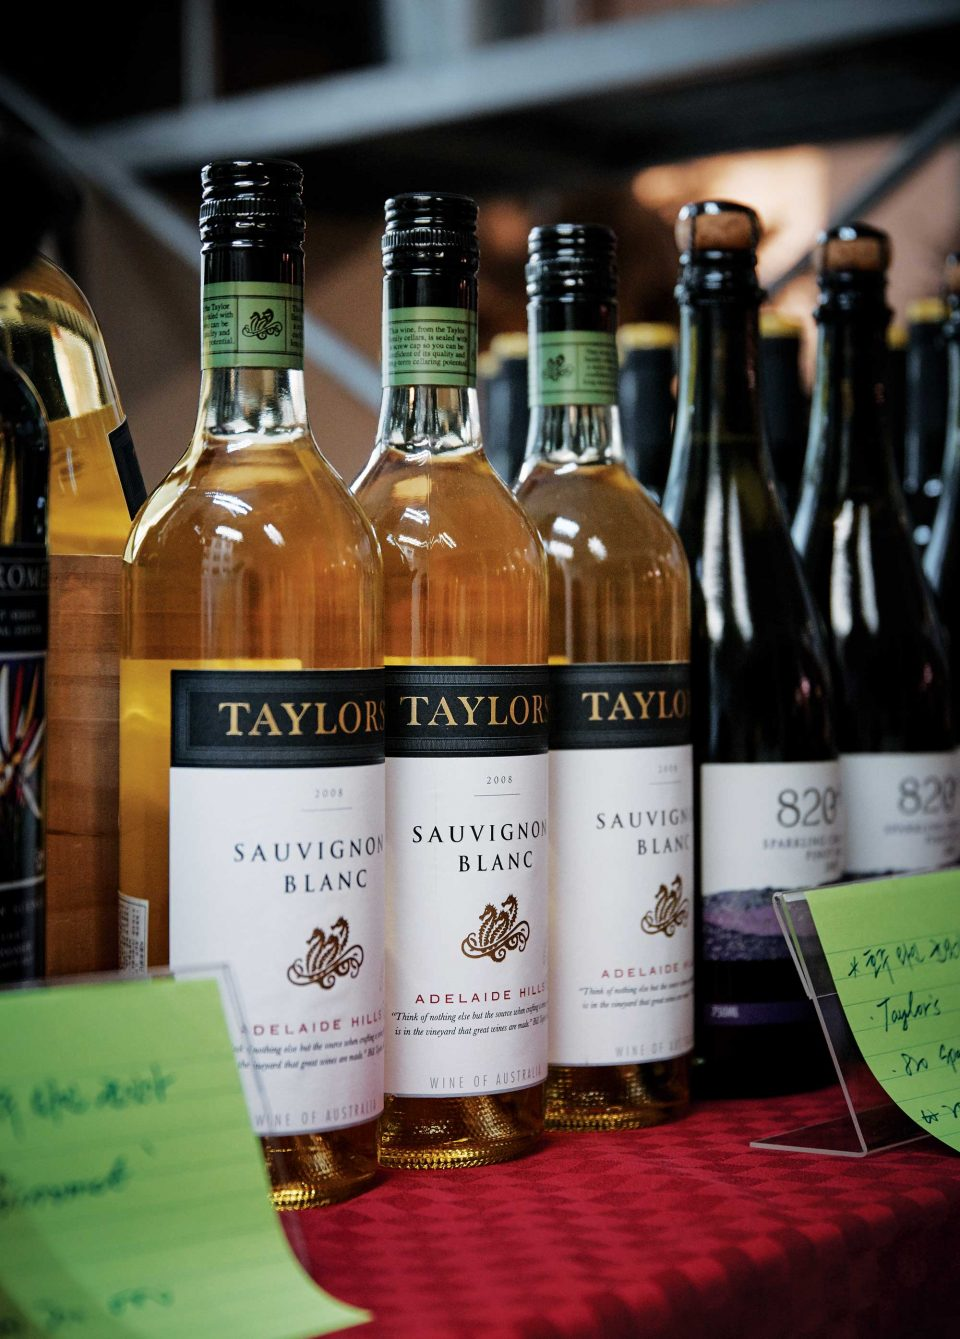 기프트와인에서는 1만~3만원의 균일가에 호주 와인을 구입할 수 있는 부스를 운영했다. © 양성모